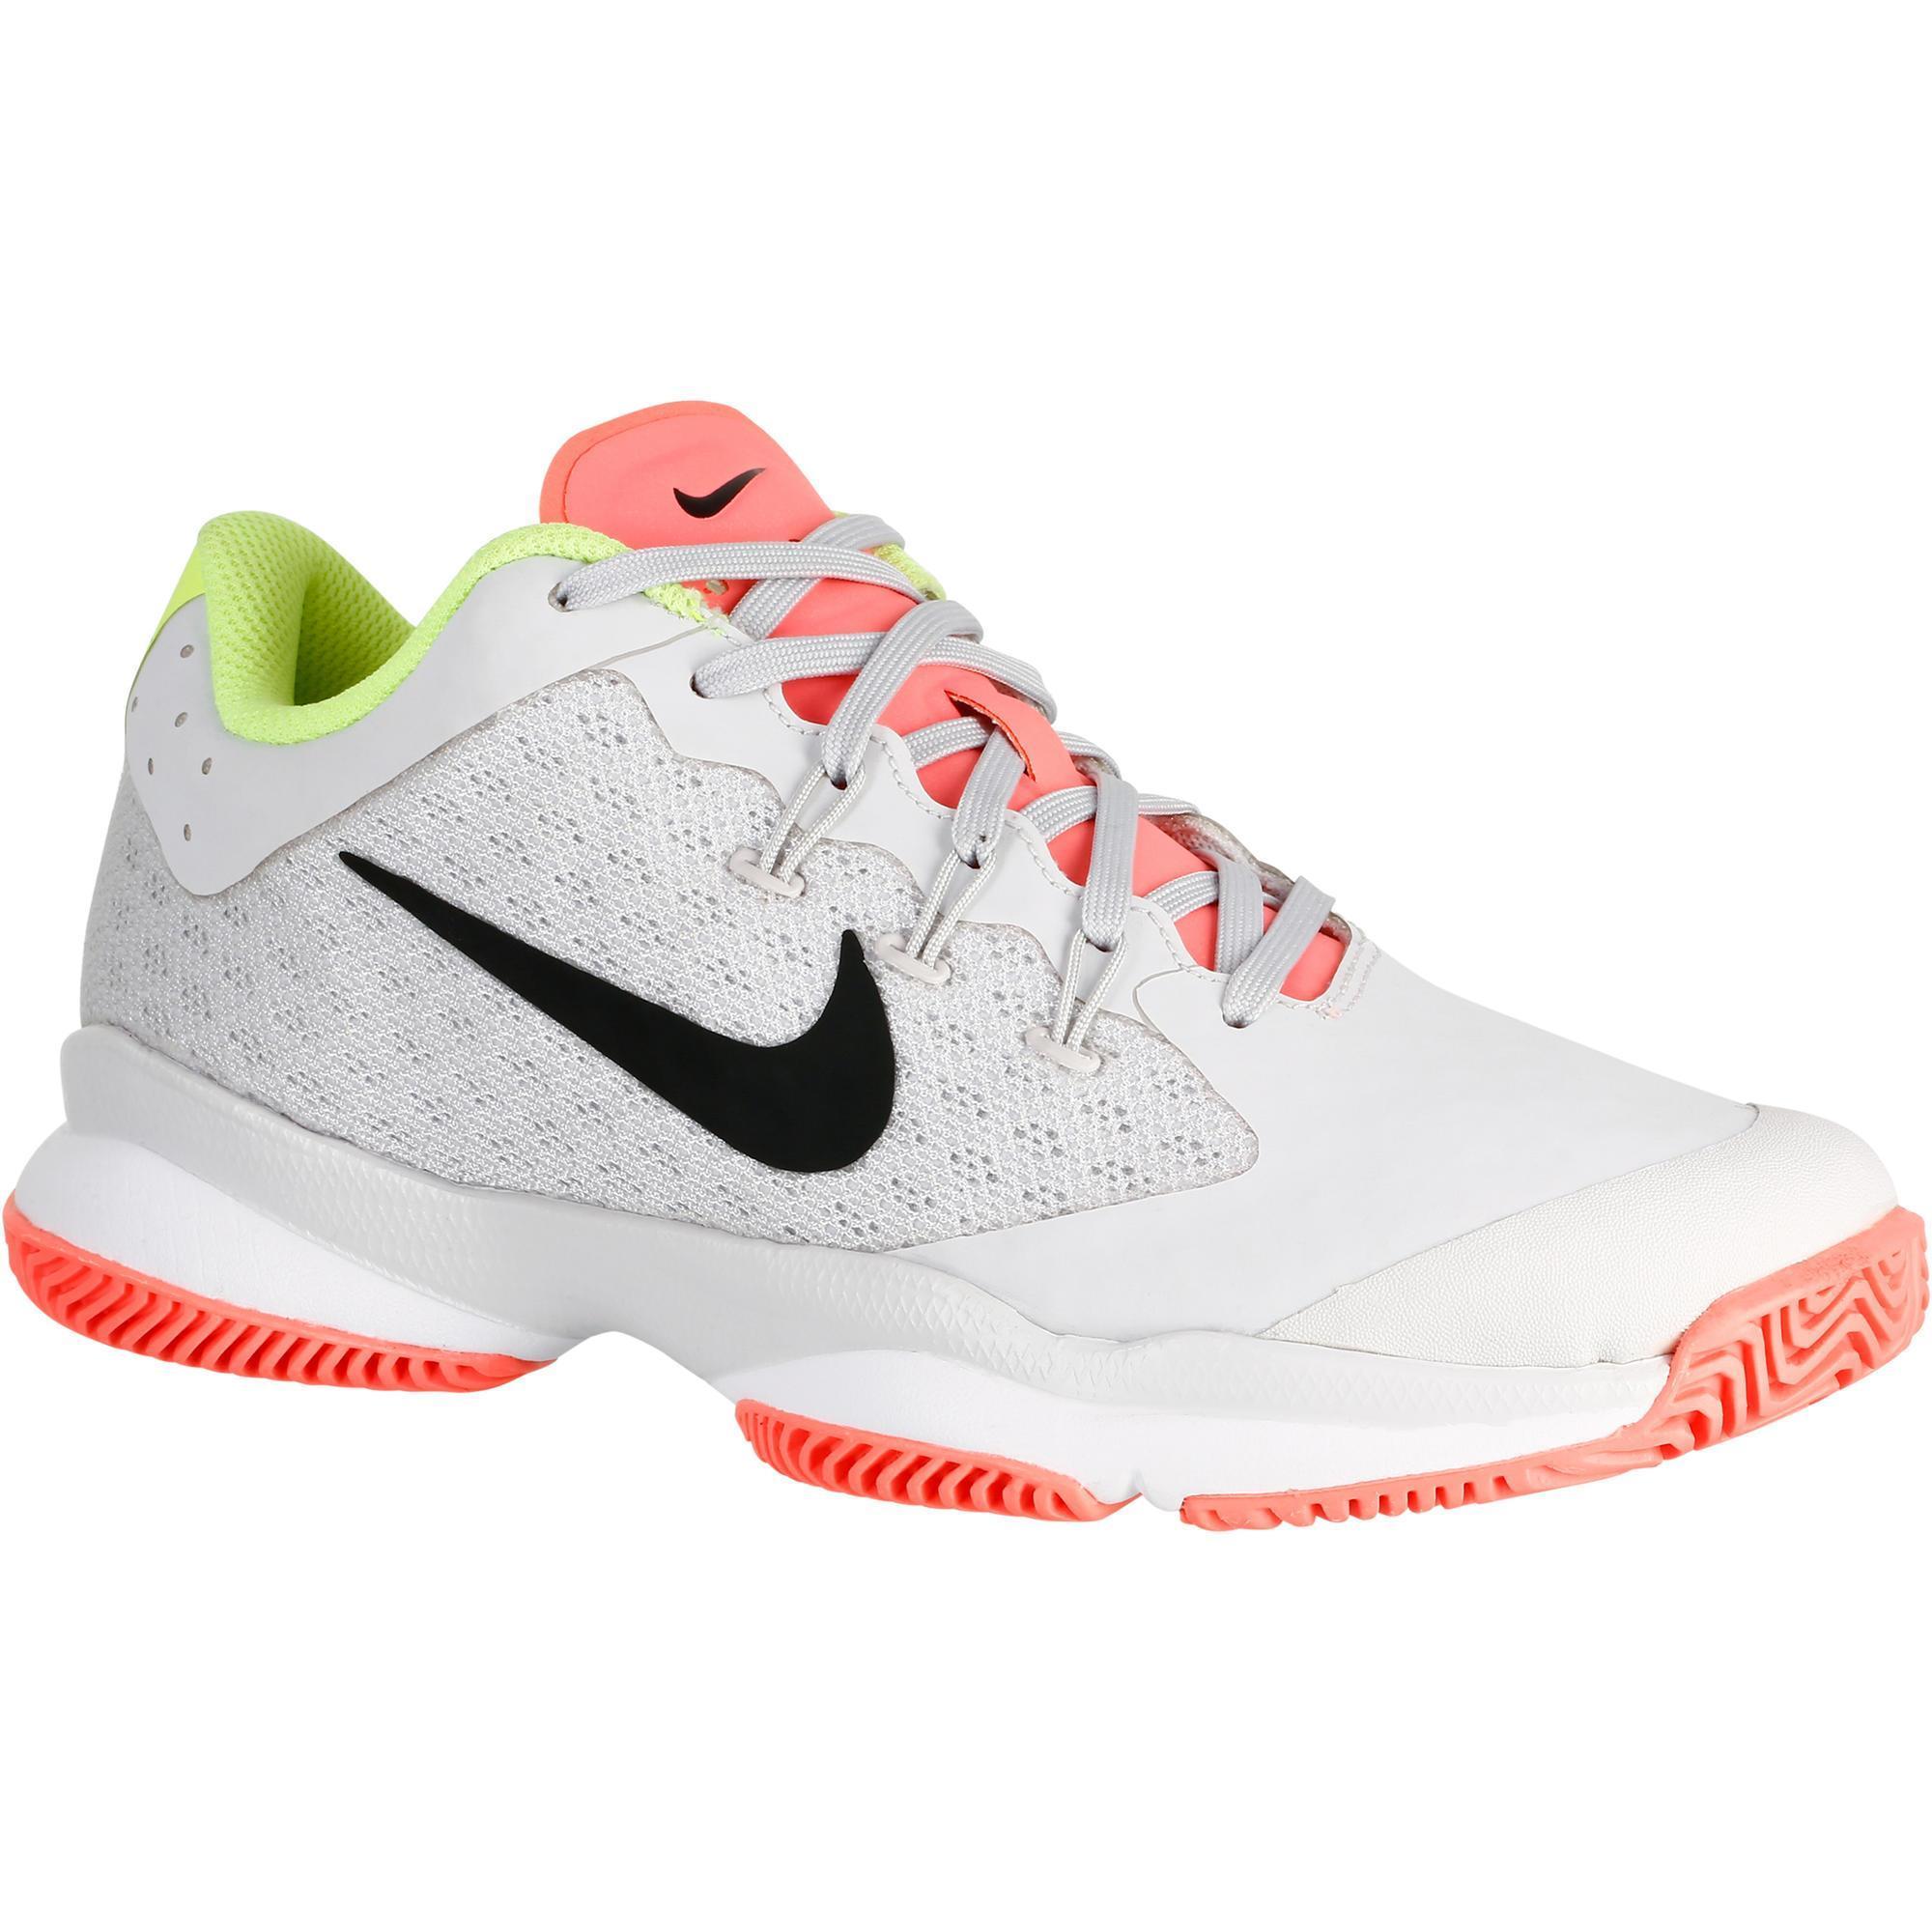 c093301ee9b Comprar Zapatillas y calzado de tenis mujer online